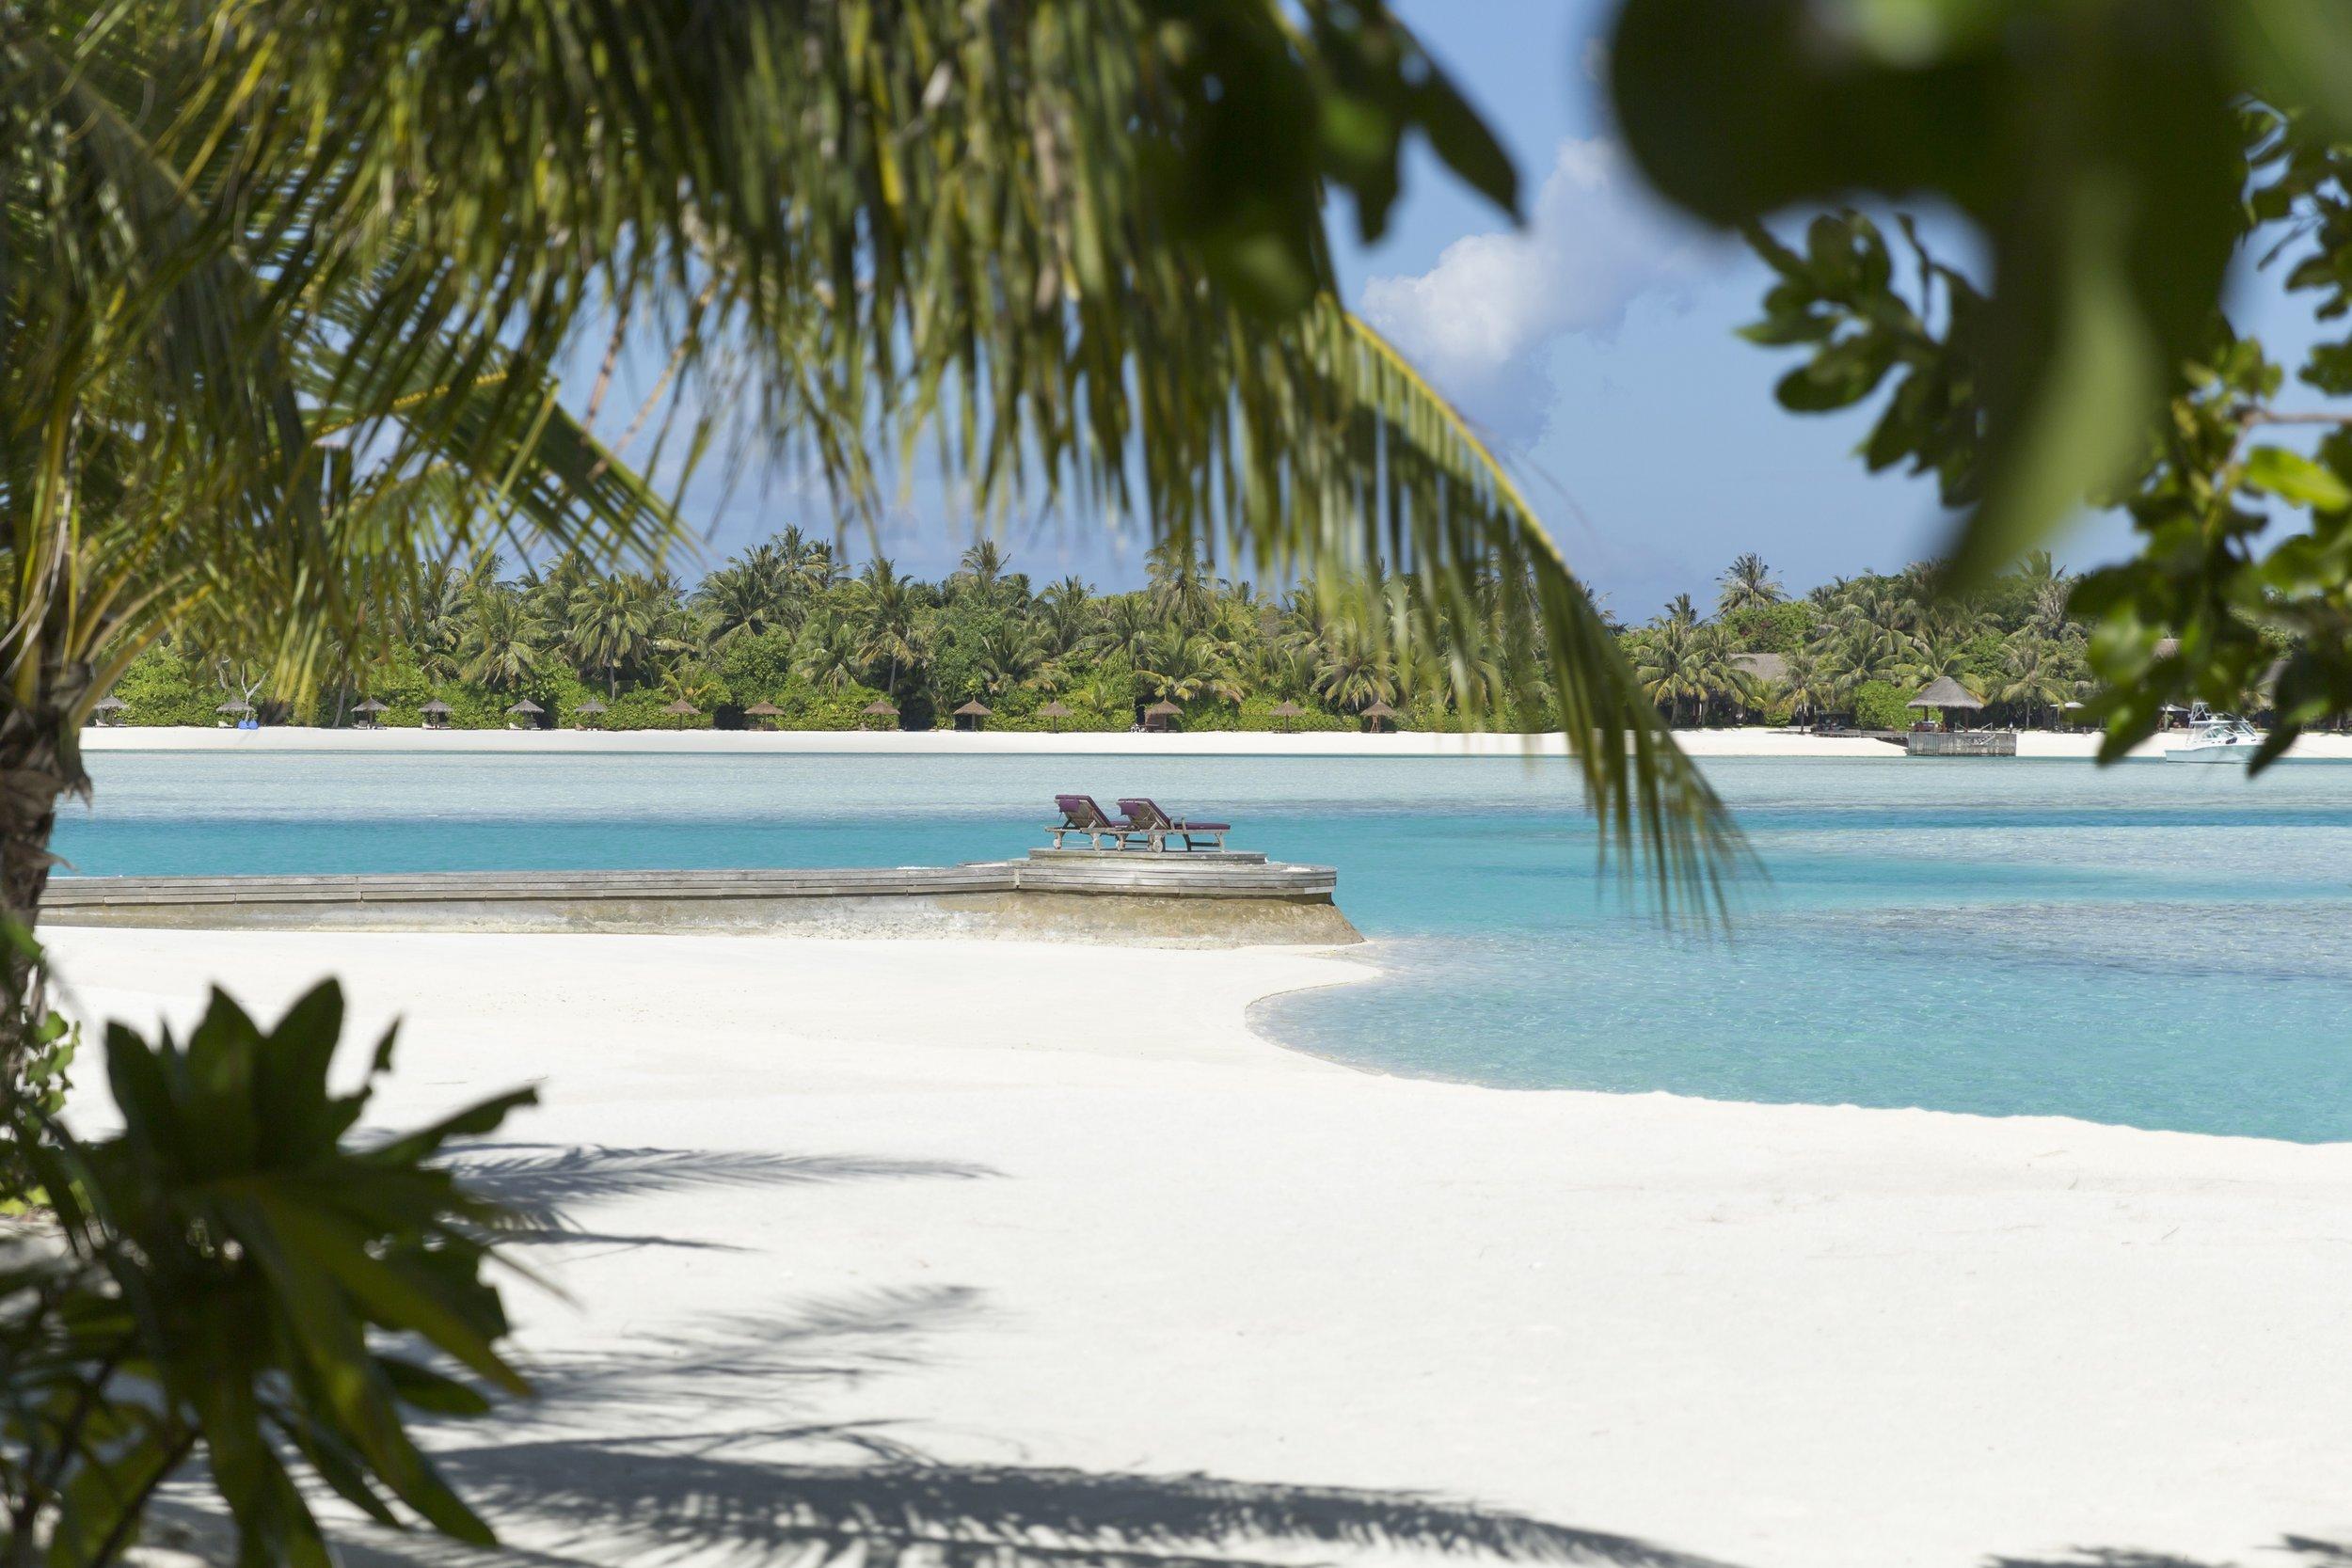 Naladhu_Private_Island_Beach_Wavebreakers.jpg